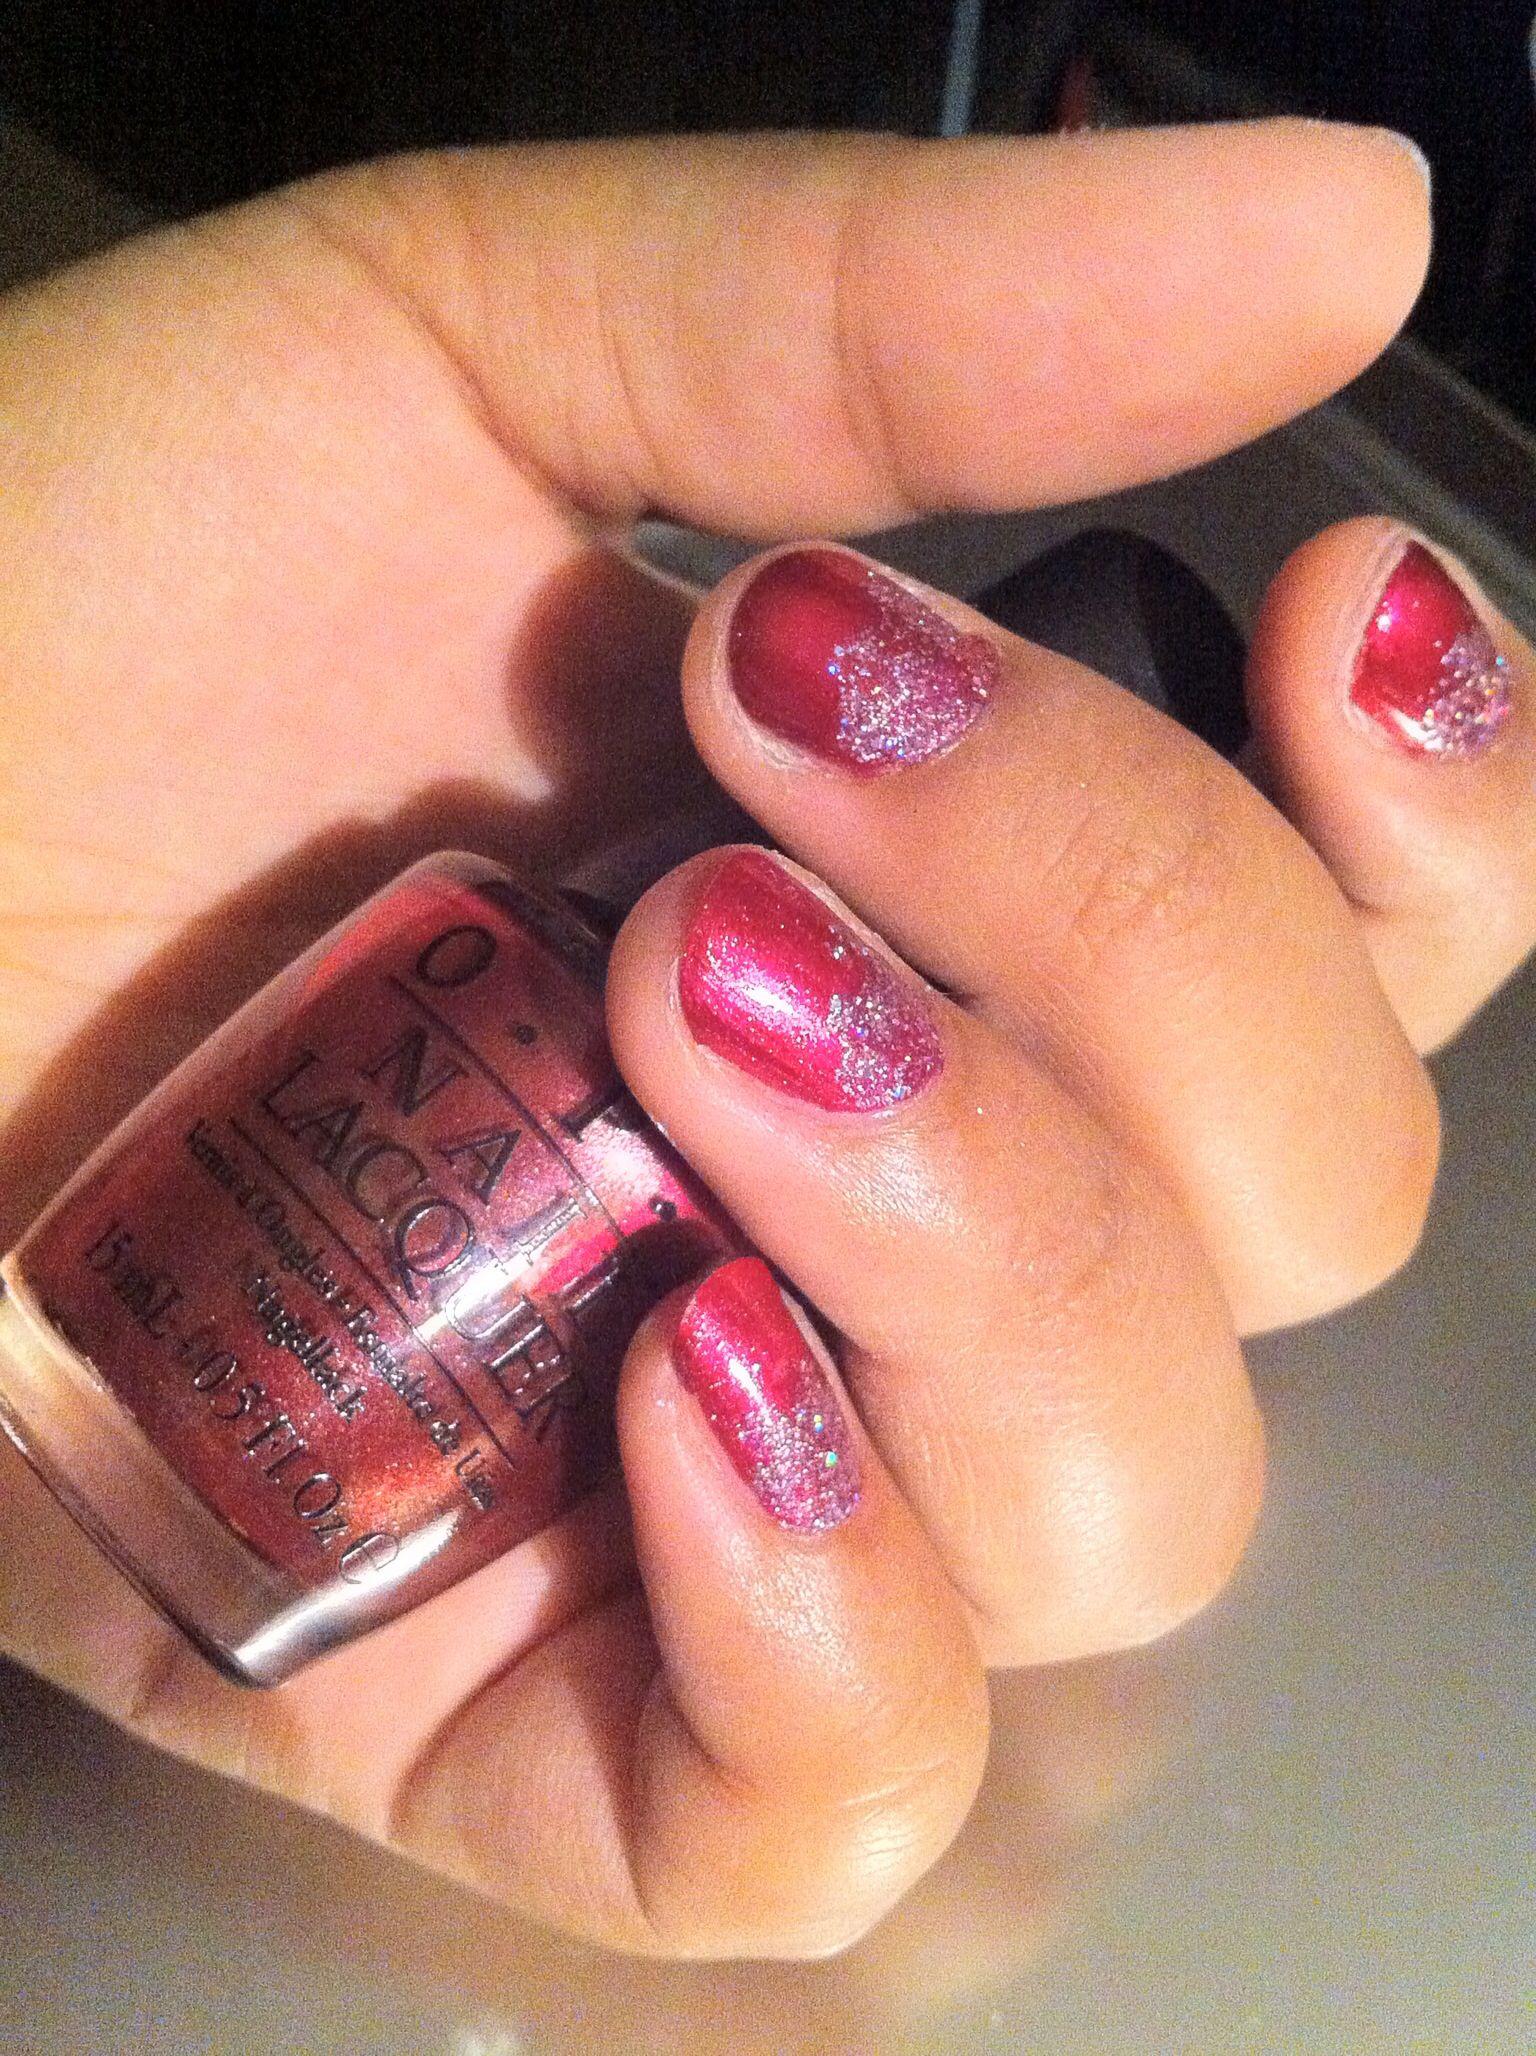 Embarca-Dare Ya #opi #opisf #nails #nailart #glitter